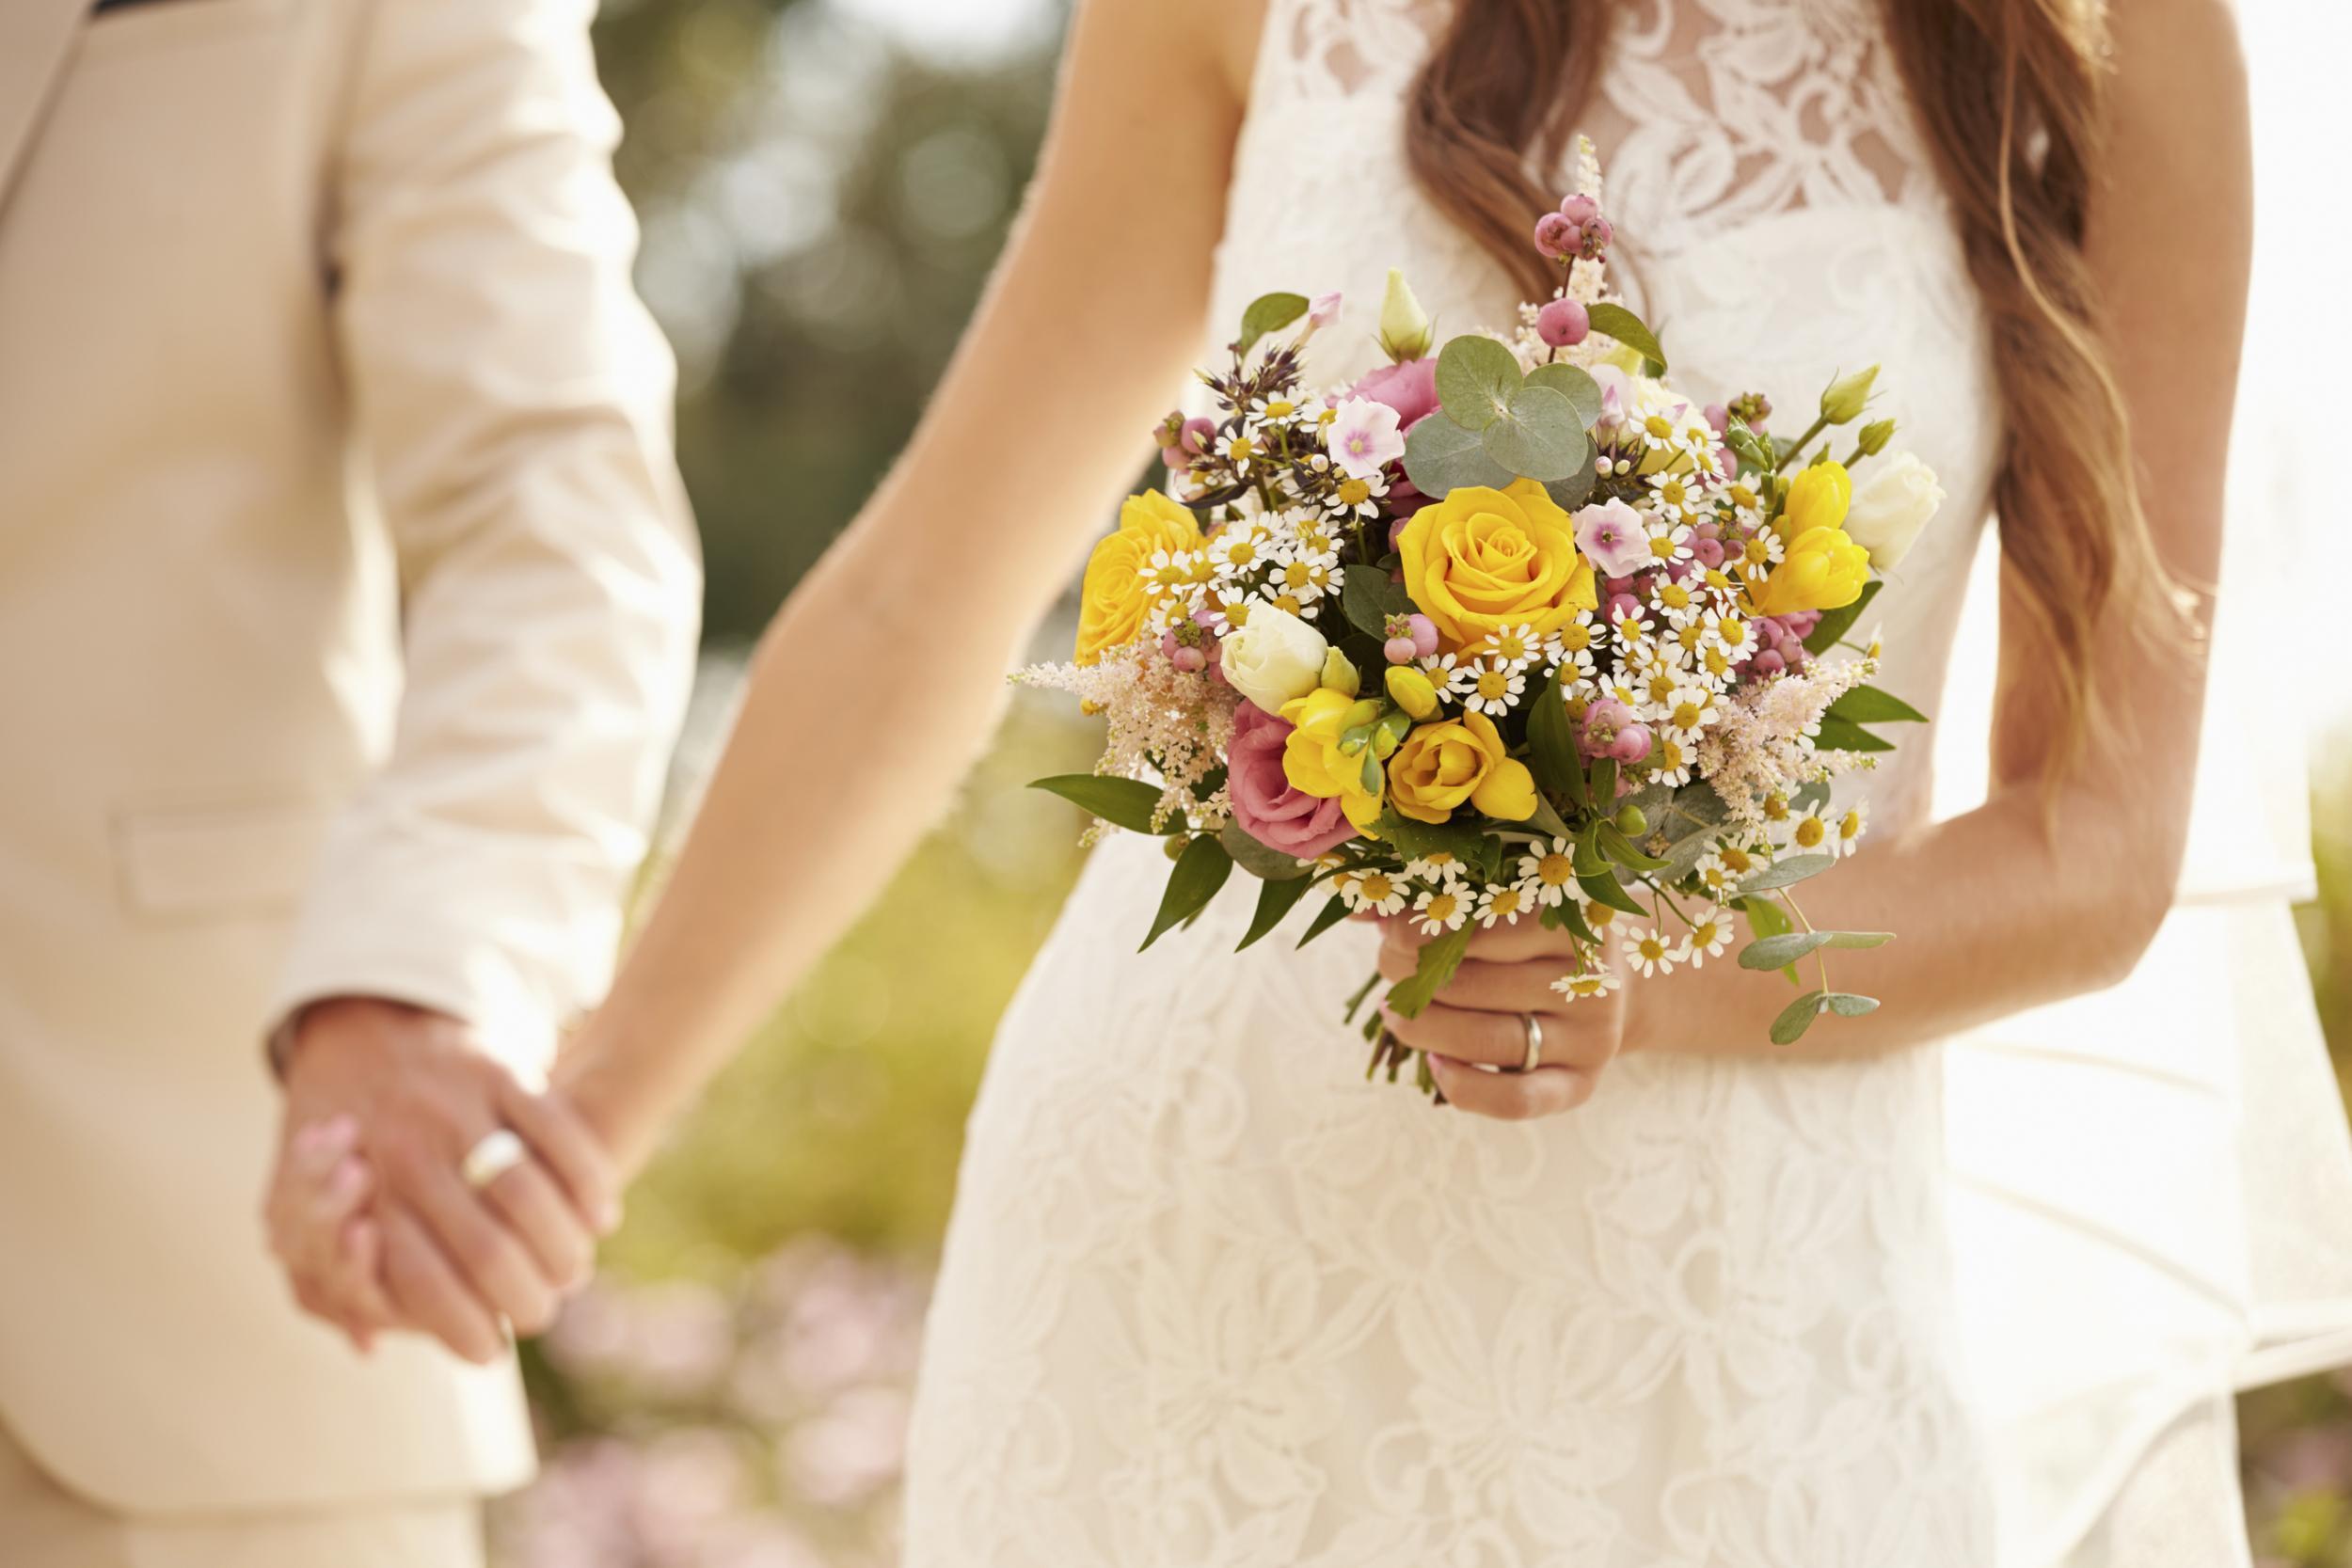 Con dâu,Mẹ chồng,Đám cưới,Tình yêu,Kết hôn